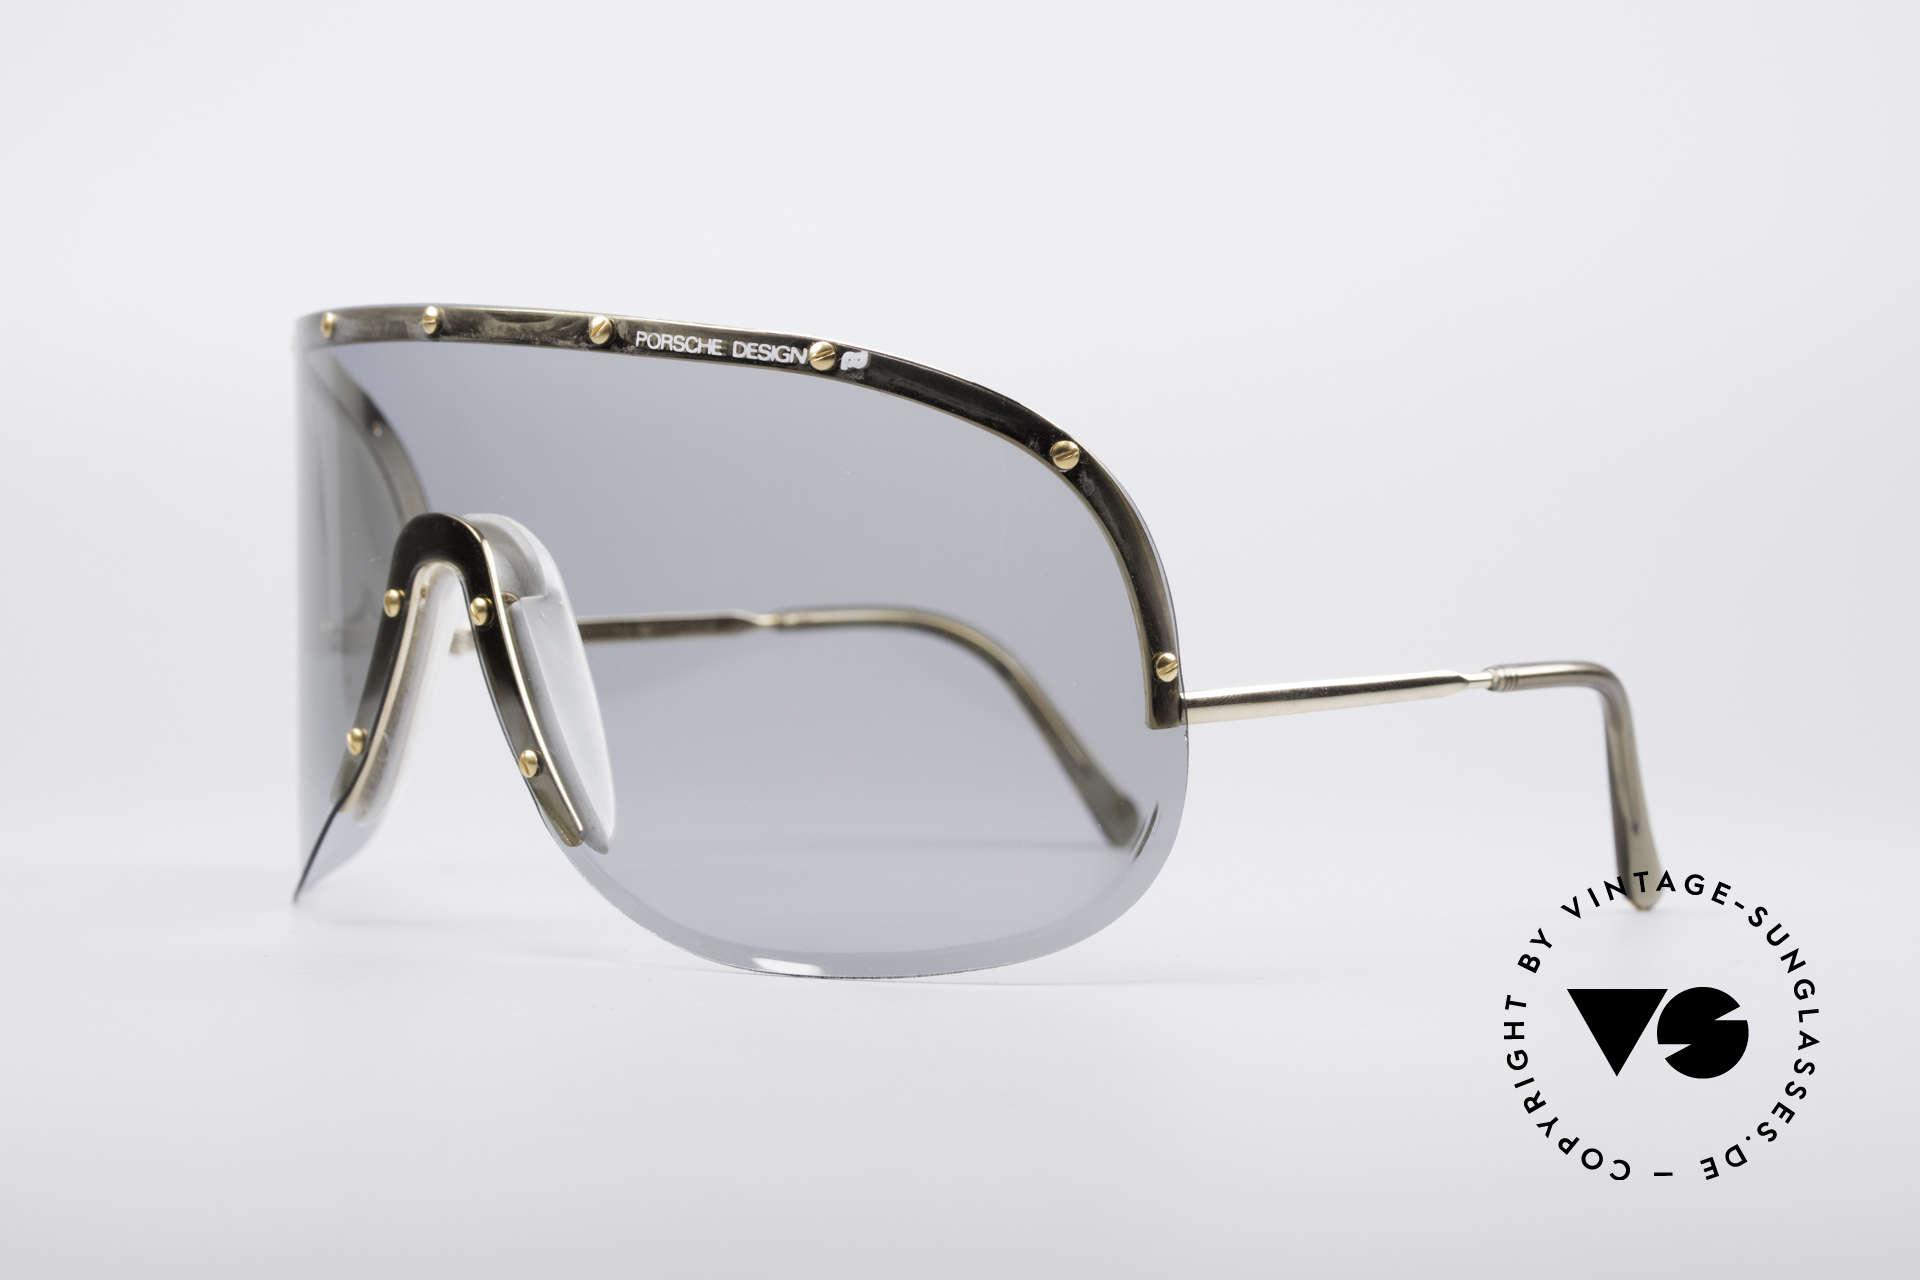 """Porsche 5620 Yoko Ono Sonnenbrille Gold, getragen von Yoko Ono (""""Rolling Stone"""" Magazin, 1981), Passend für Herren und Damen"""